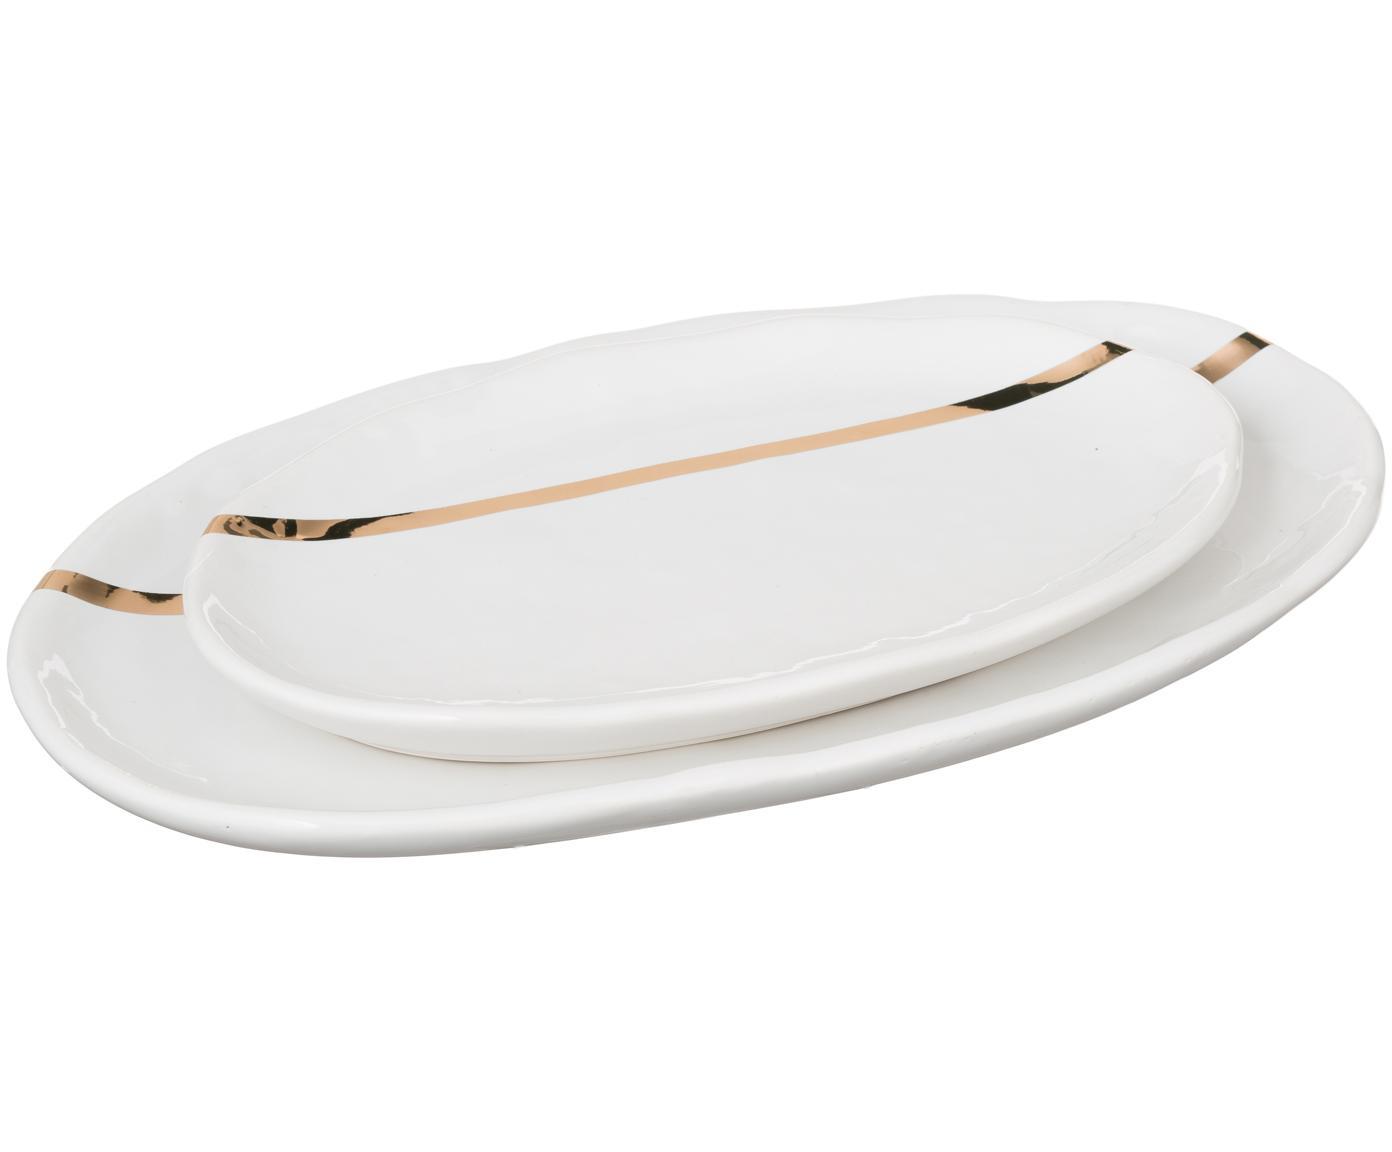 Set 2 piatti da portata in porcellana Aruna, Porcellana, Bianco, dorato, Diverse dimensioni